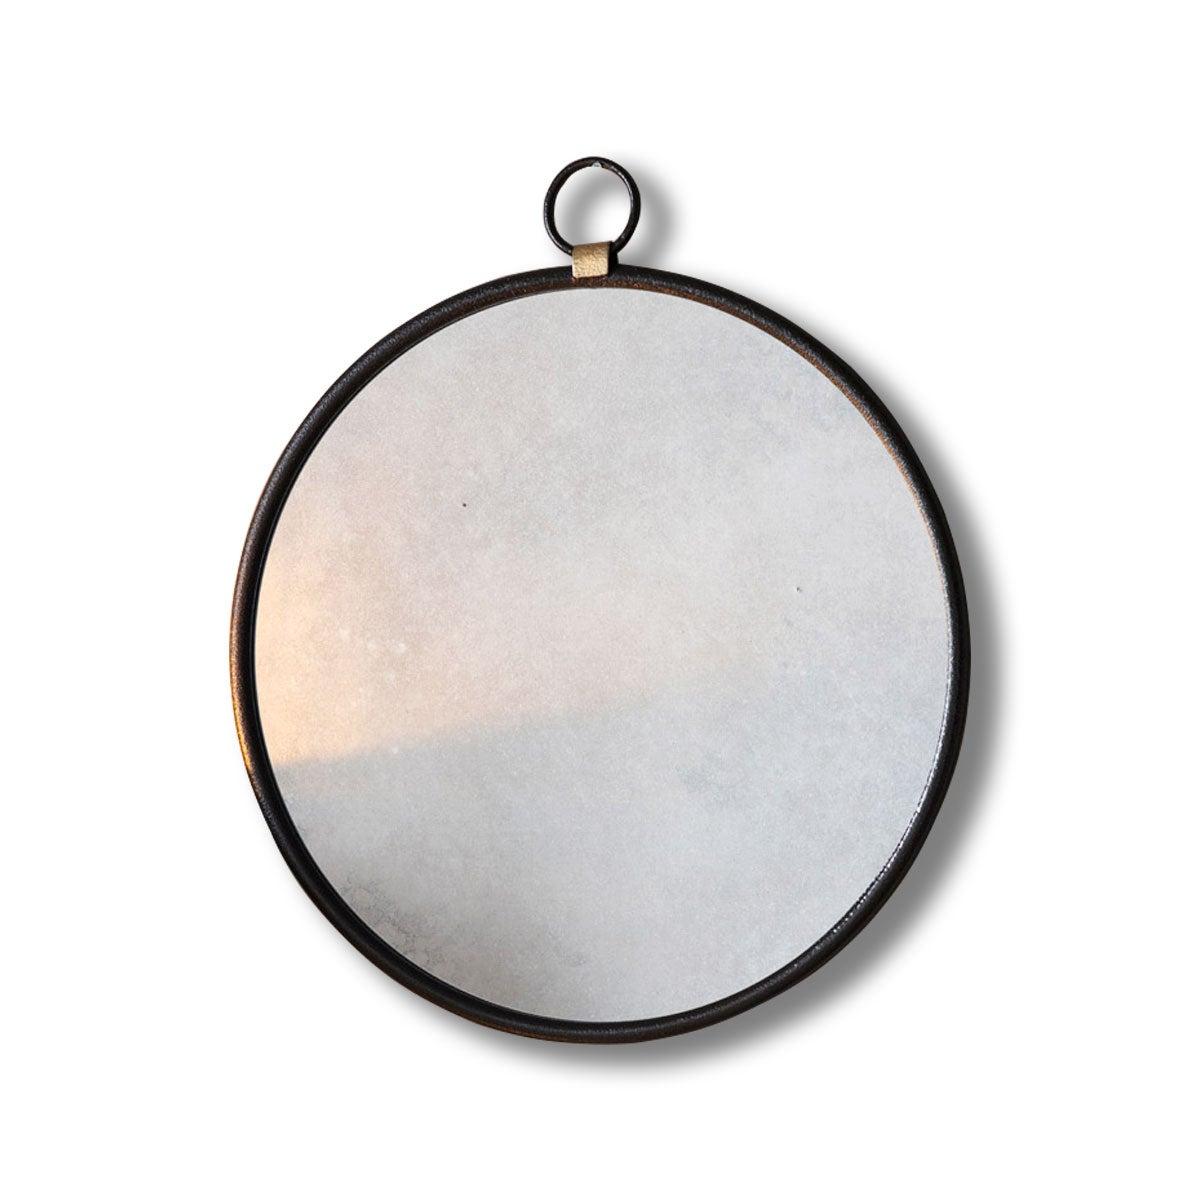 Bisque Black Round Wall Mirror 70cm x 61cm